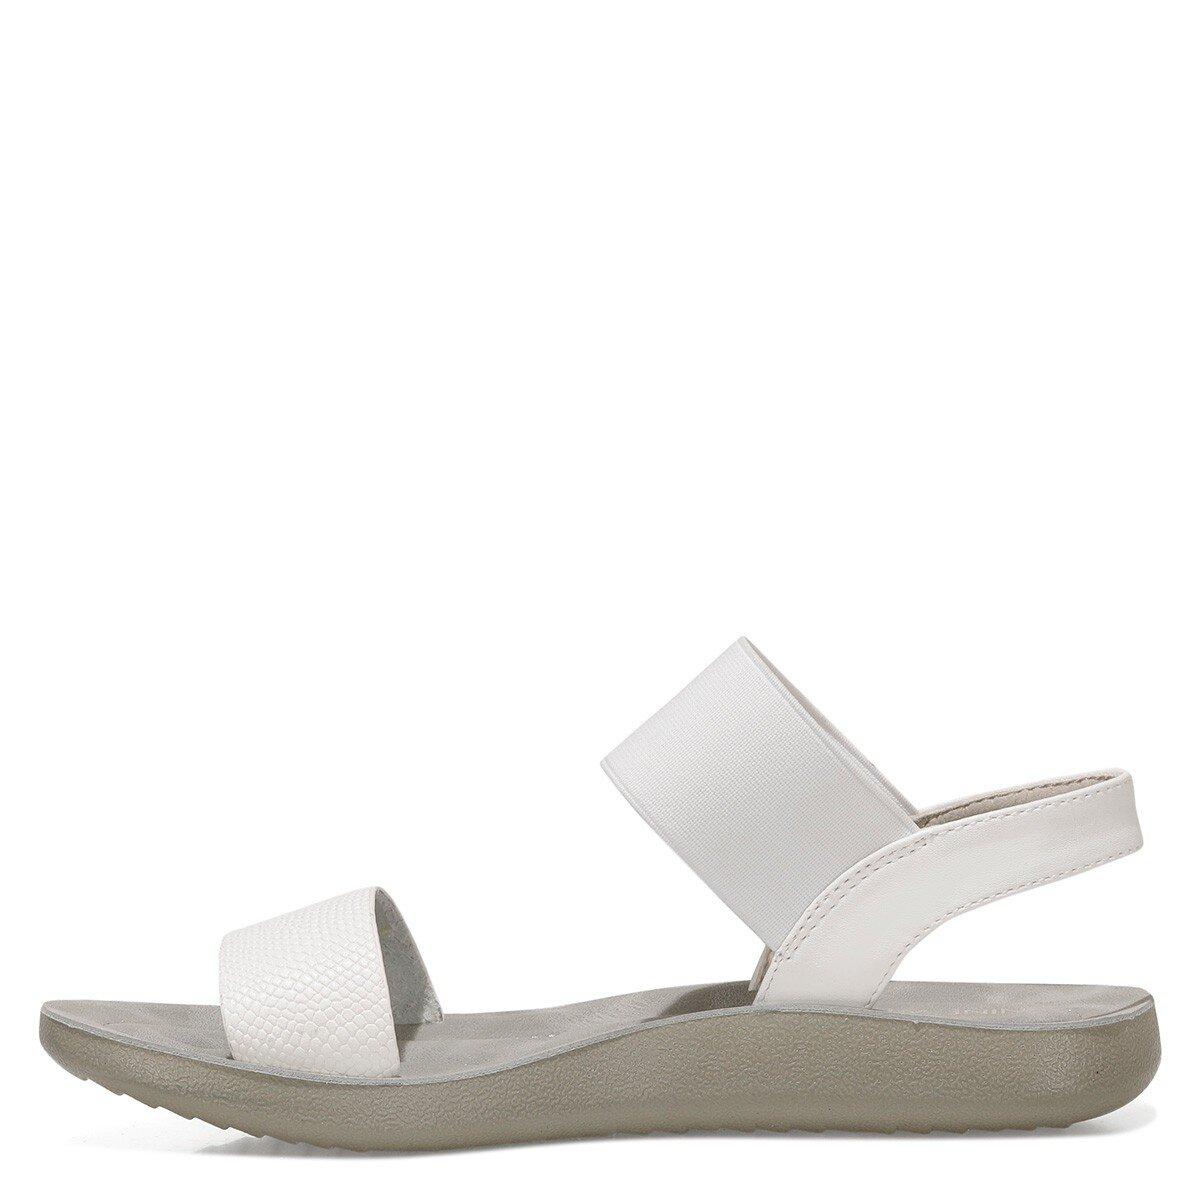 FRANKY 1FX Beyaz Kadın Düz Sandalet